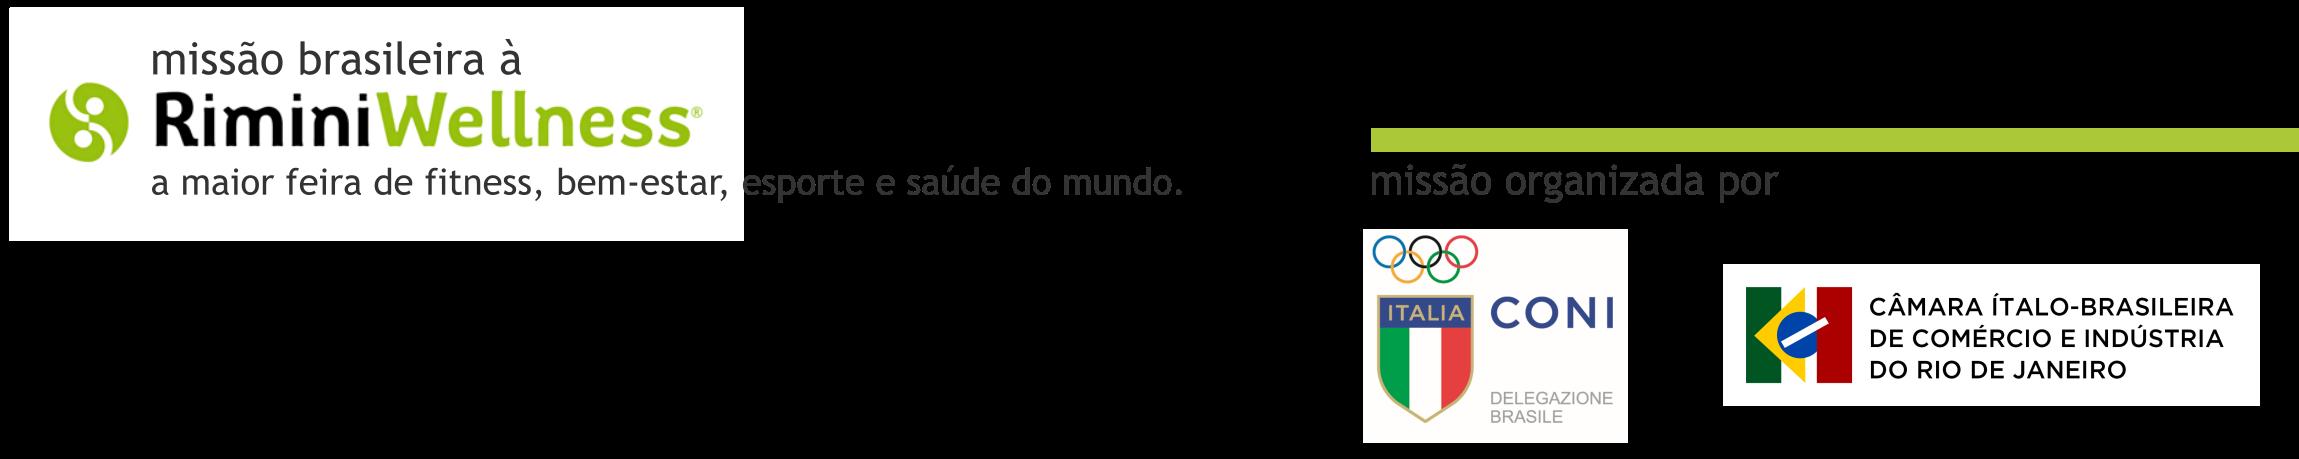 assinatura_email_alta